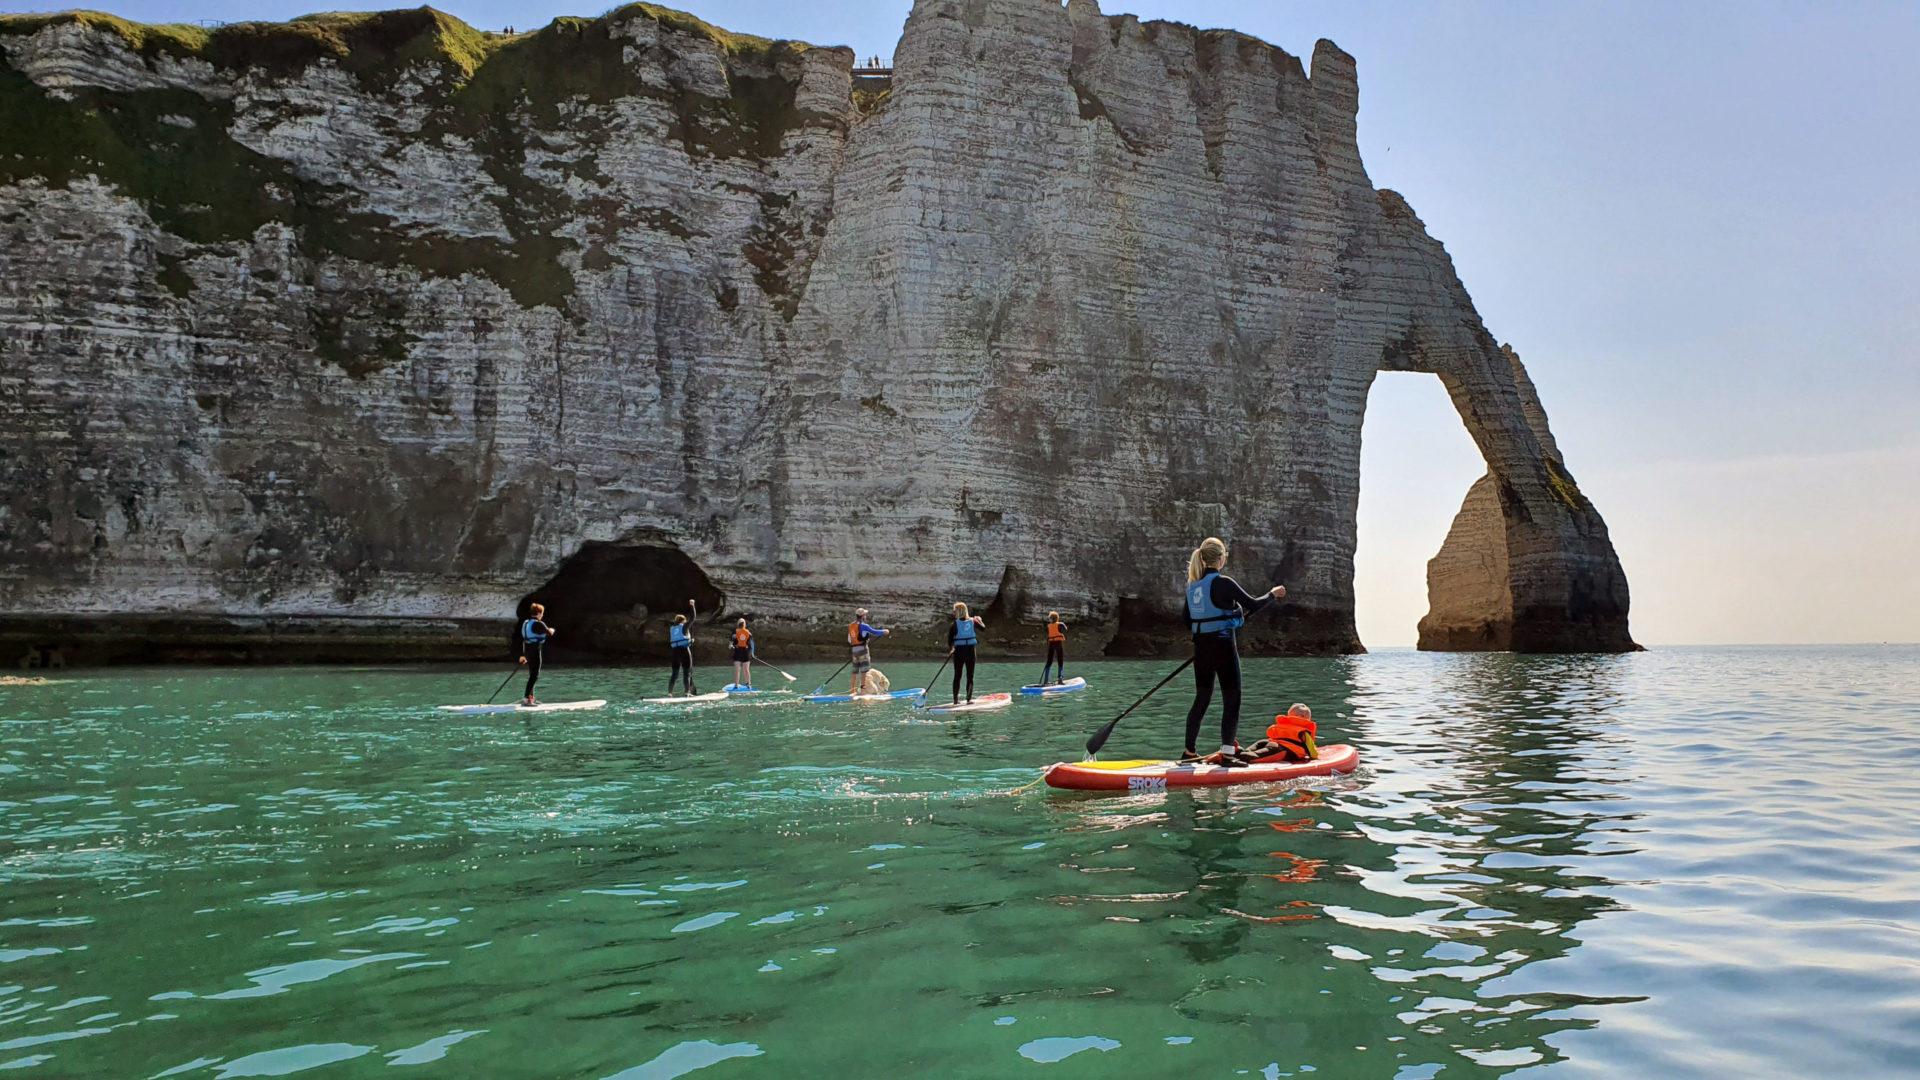 Découverte des arches d'Etretat en paddle ©Danielle Dumas